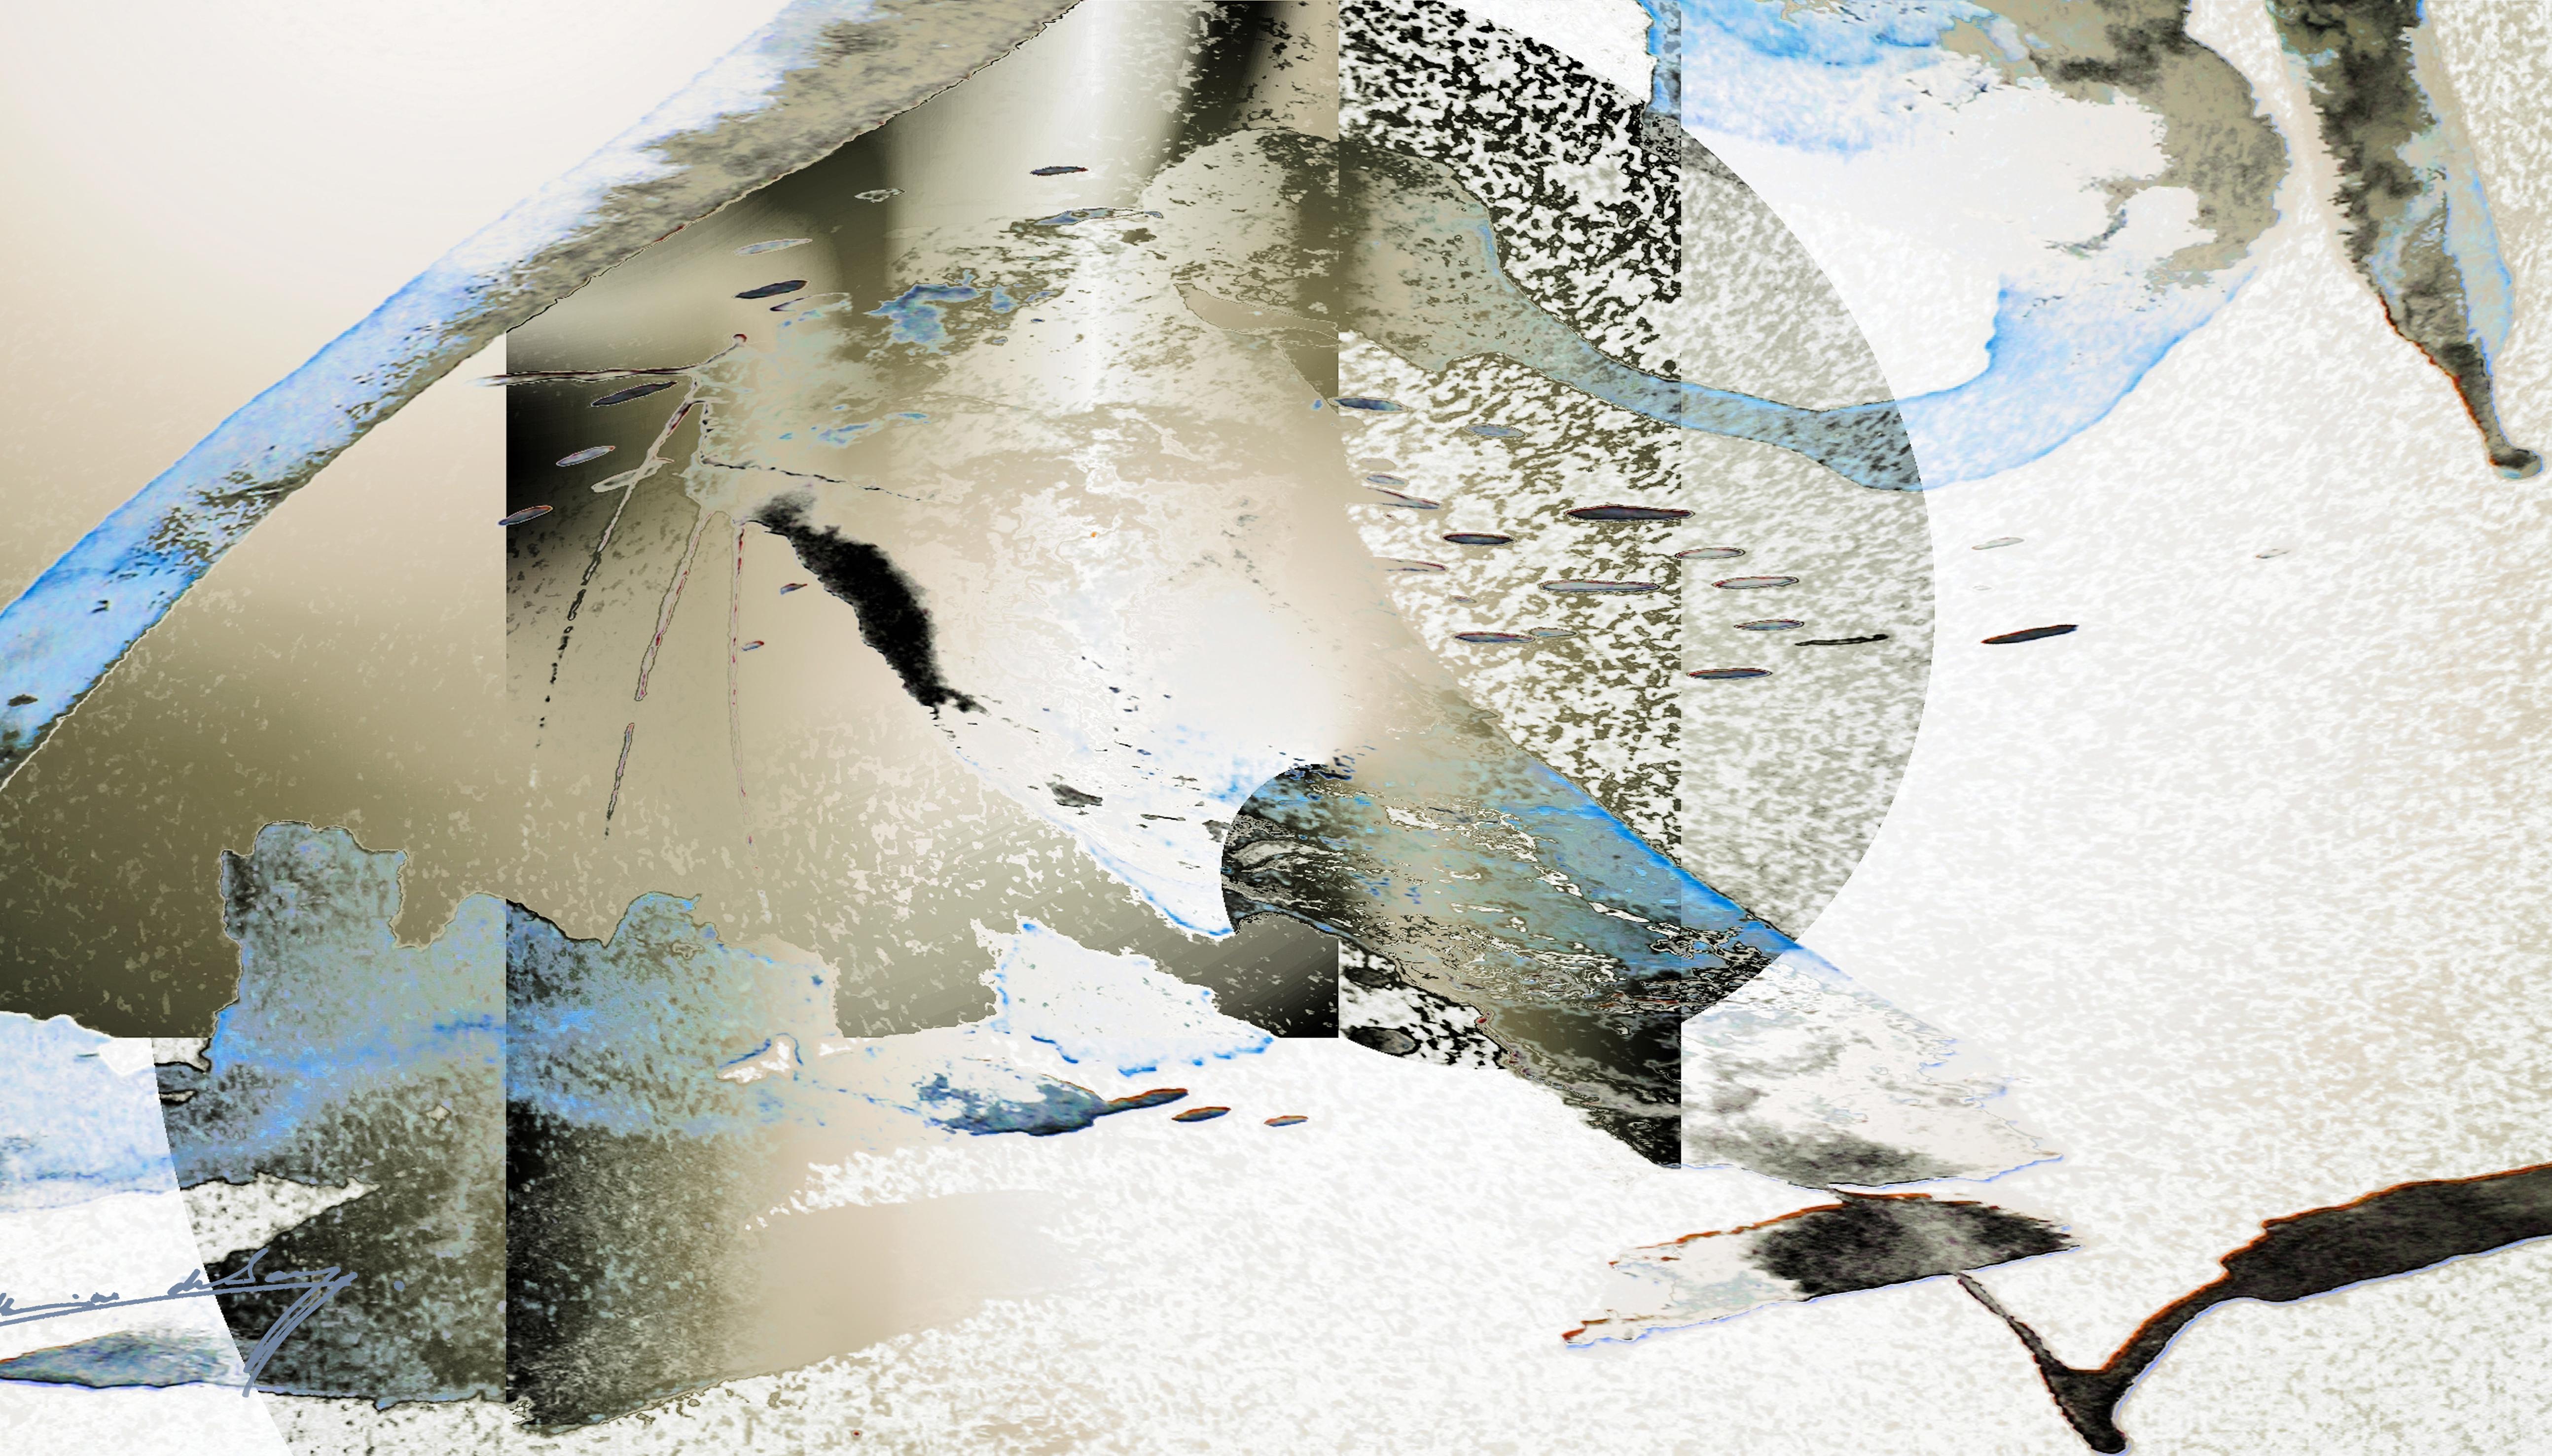 © Aurore  30 x 52 cm